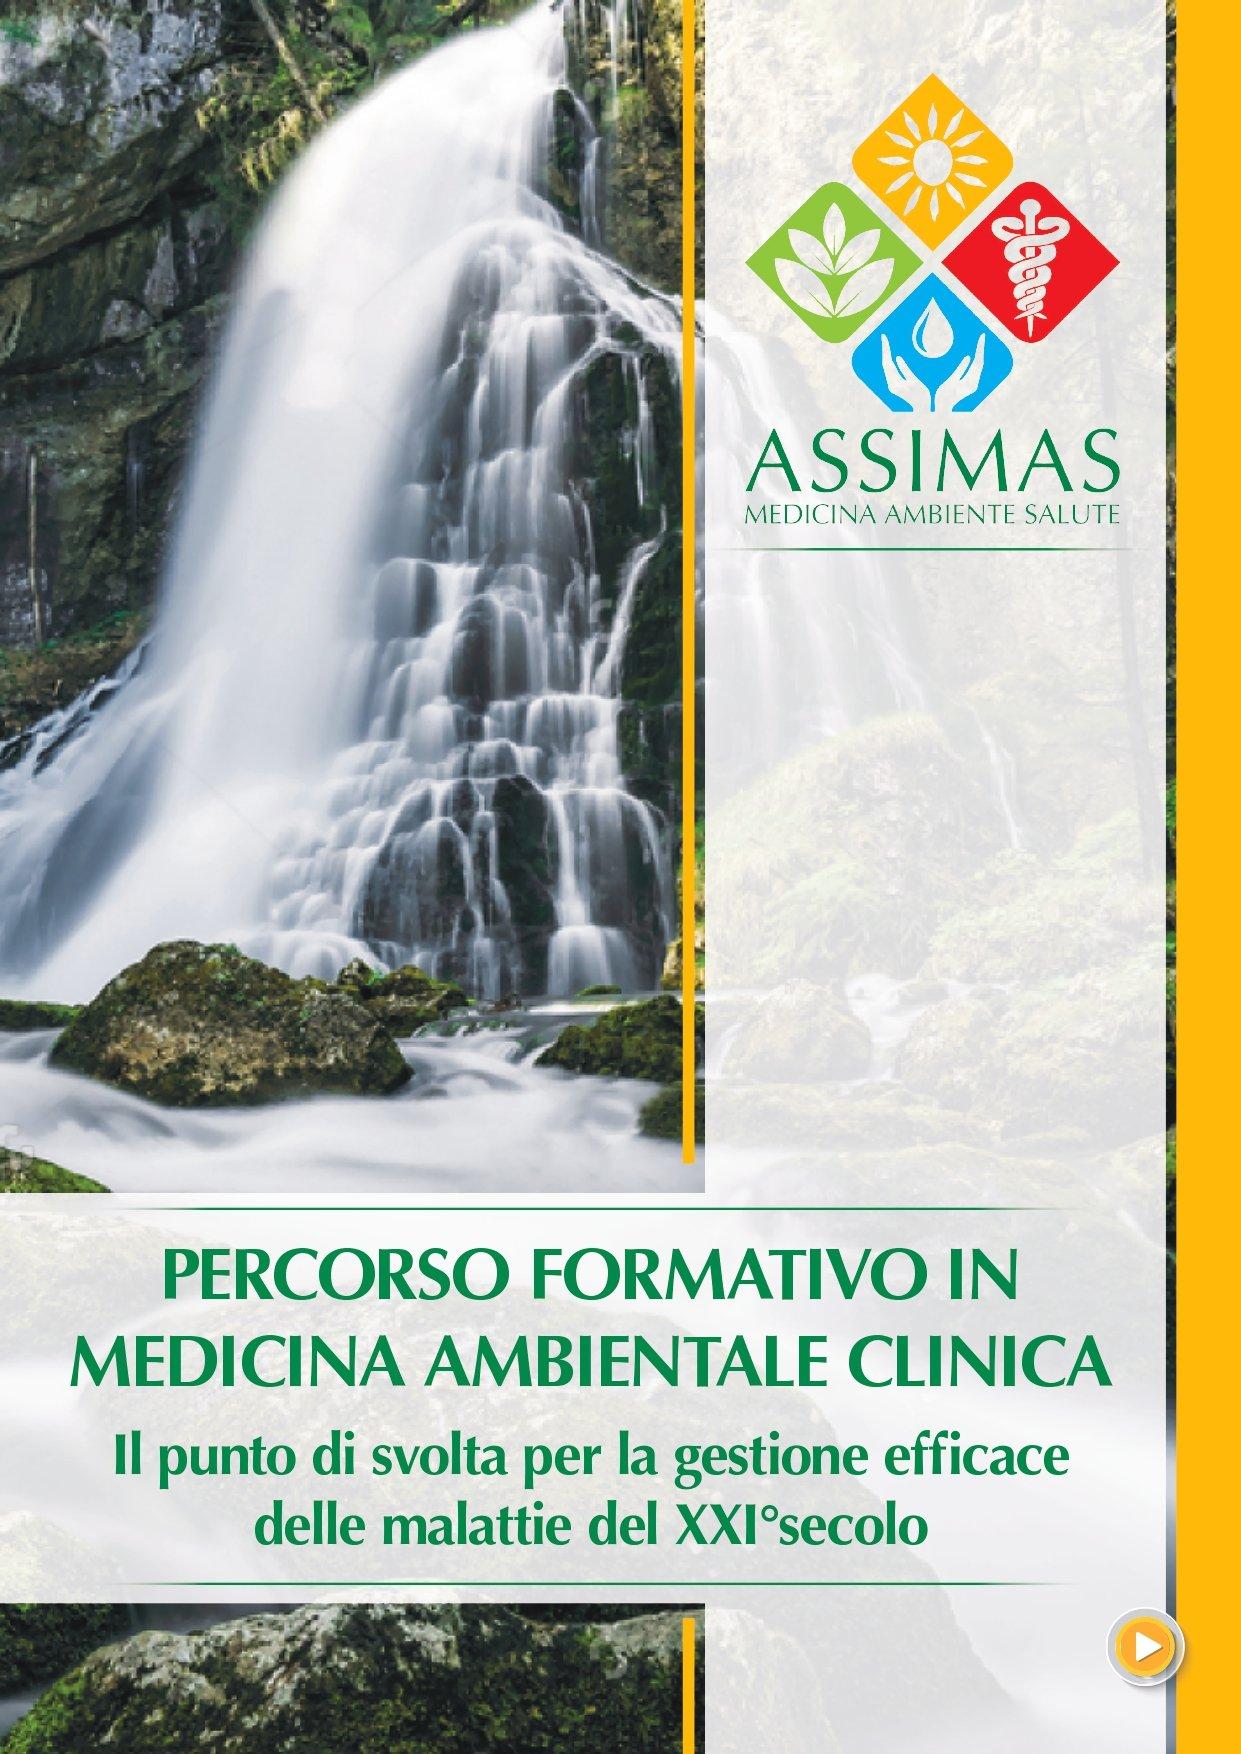 PERCORSO FORMATIVO IN MEDICINA AMBIENTALE CLINICA